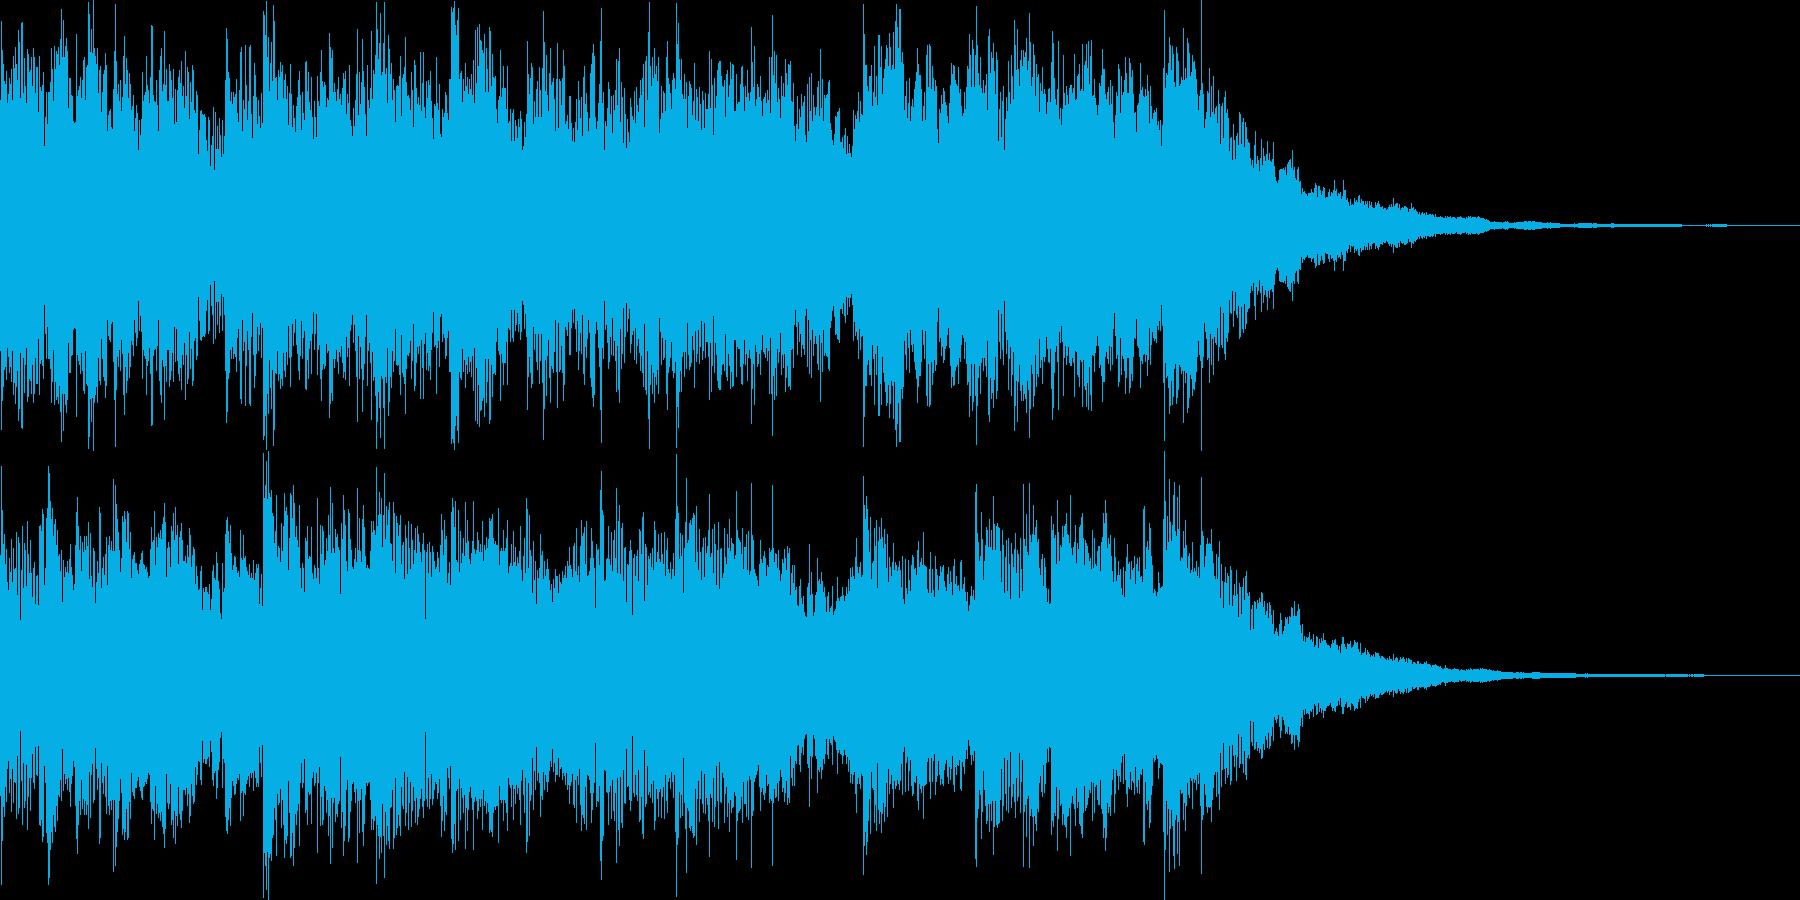 ニュース番組風サウンドロゴ(5秒)の再生済みの波形